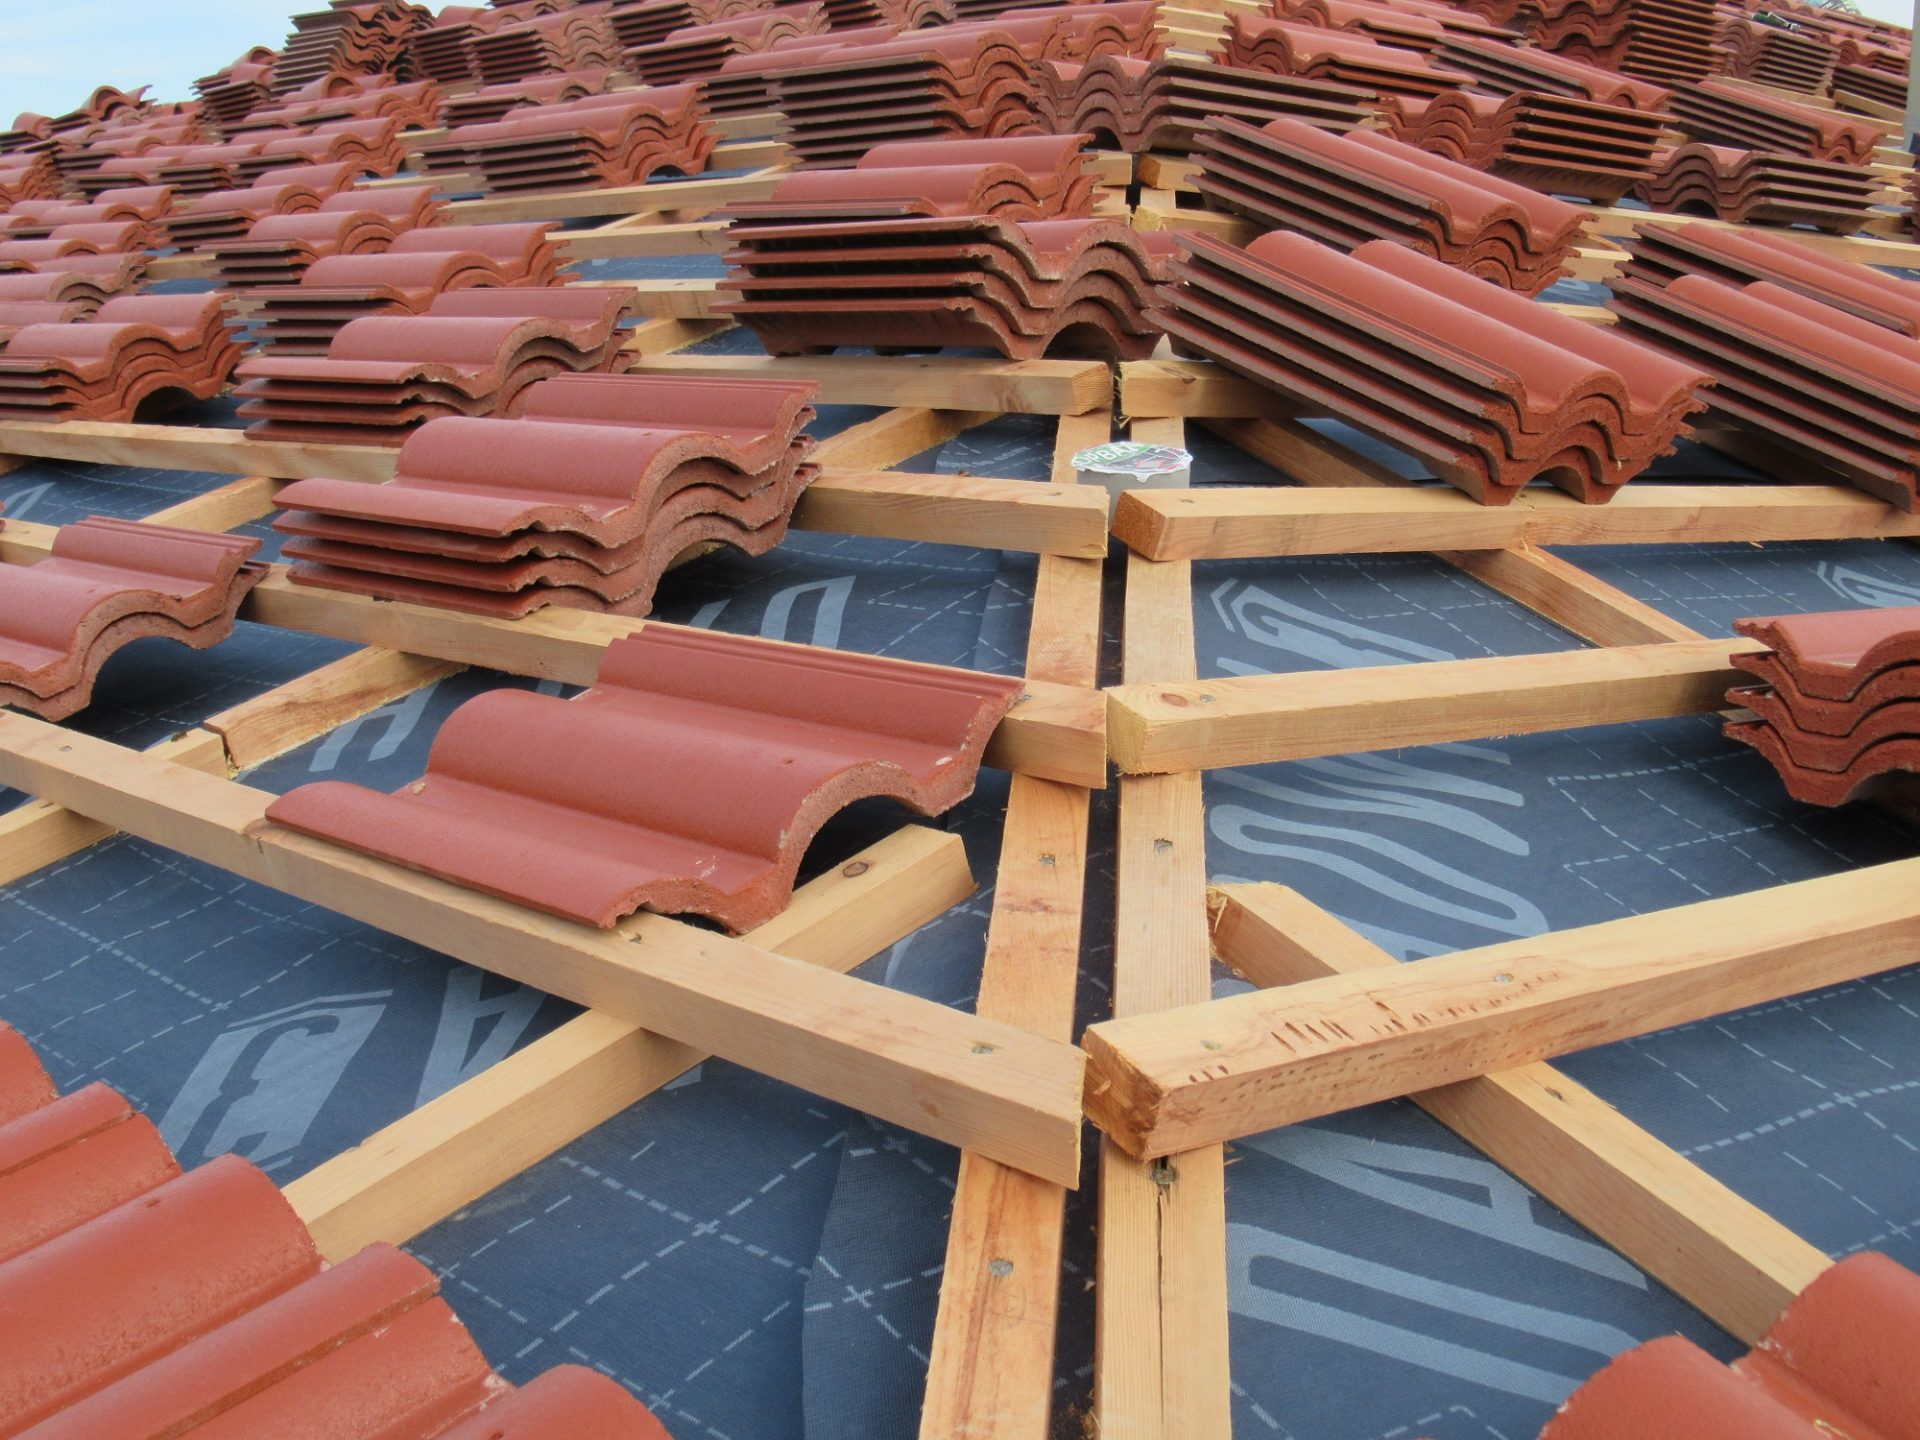 Stavba strechy krok za krokom #2: Umiestnenie fólií